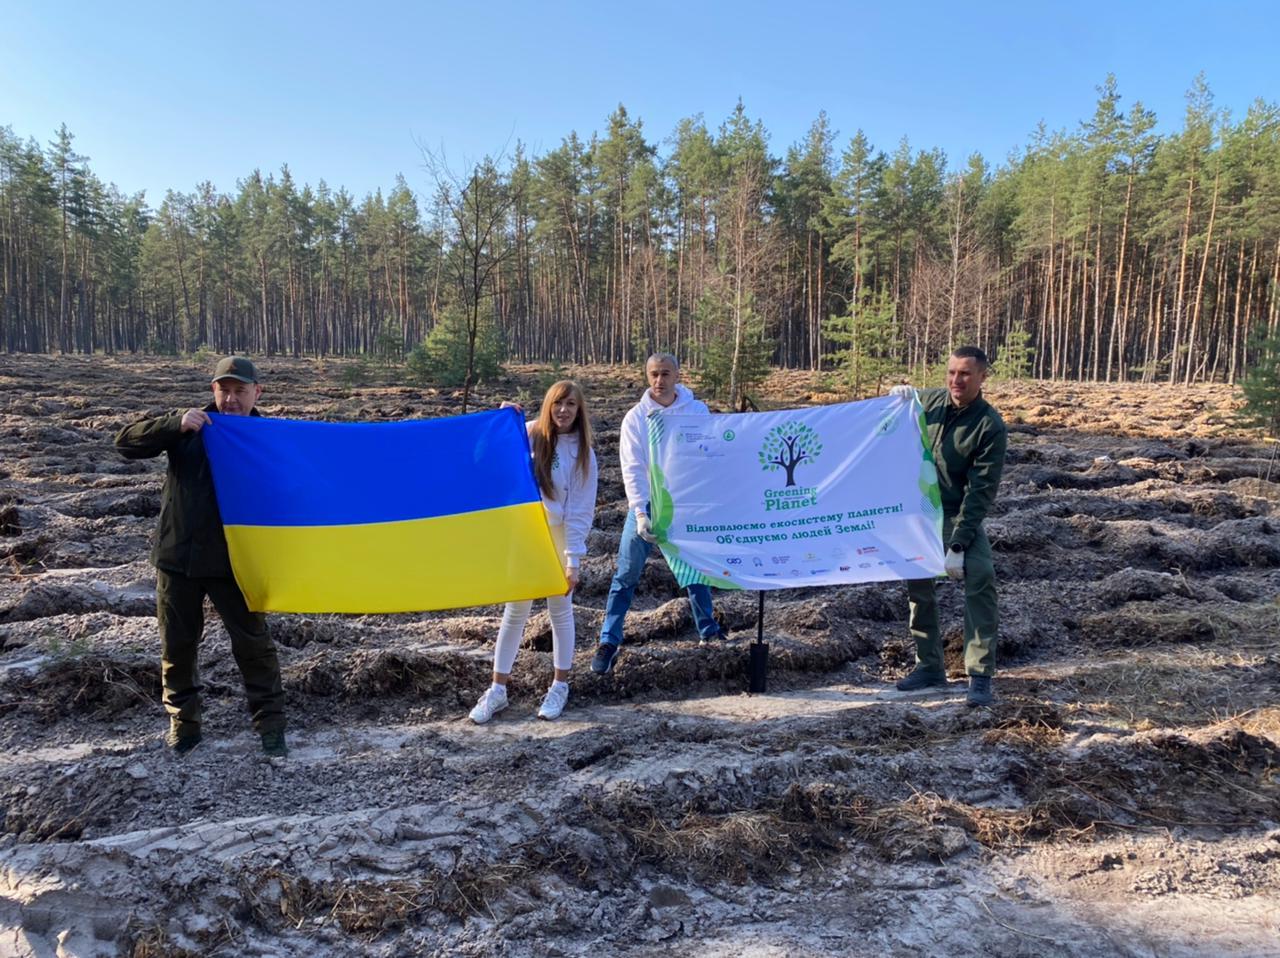 З України стартувала екологічна акція по озелененню планети